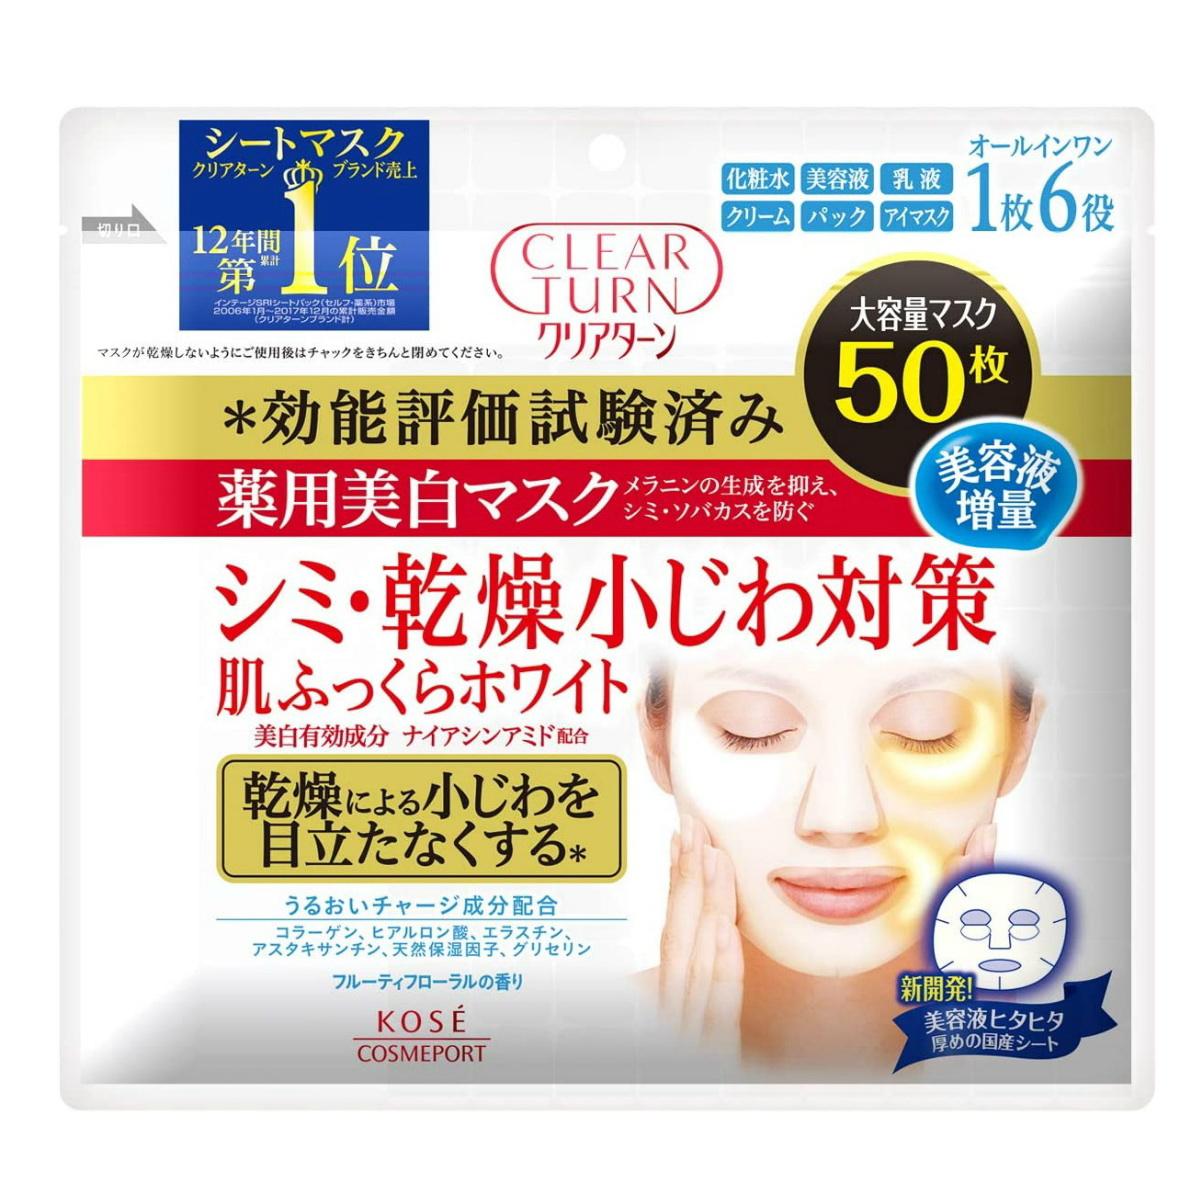 コーセーコスメポート クリアターン 肌ふっくら 薬用美白 肌ホワイトマスク 50枚入 ×12個セット (美顔フェイスシートマスク)